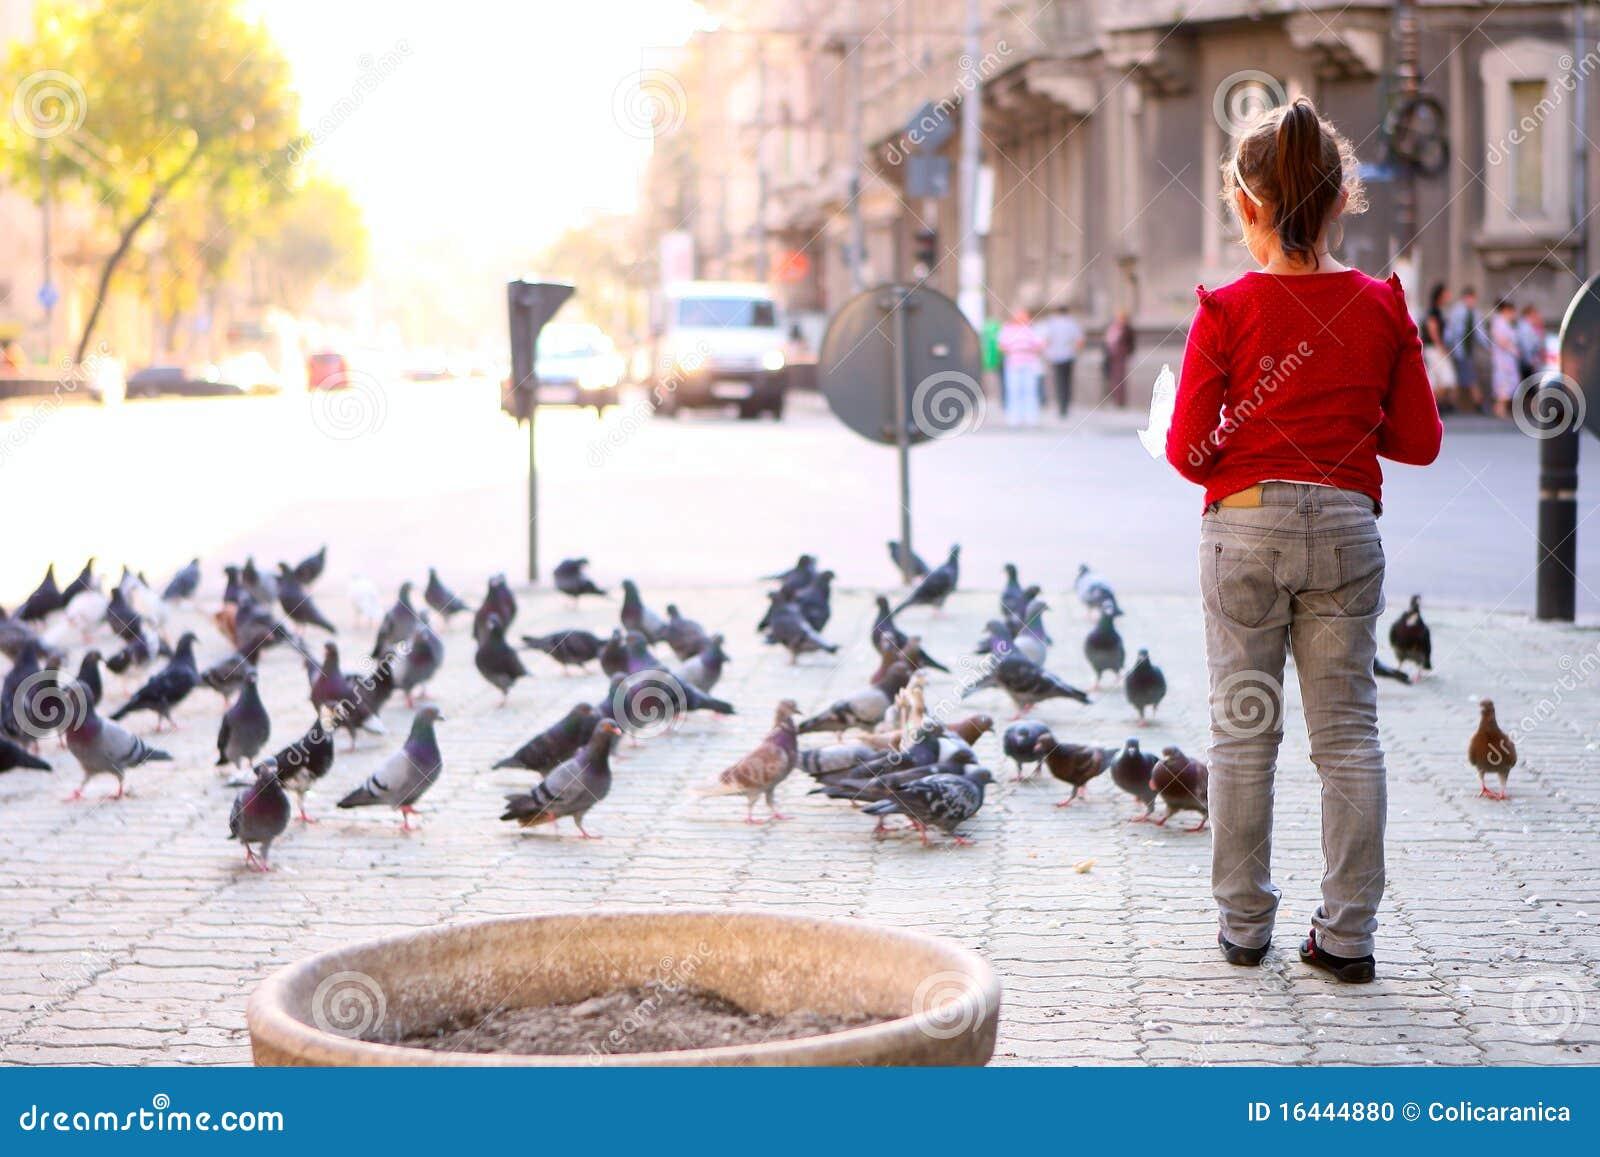 Muitos pombos e uma menina